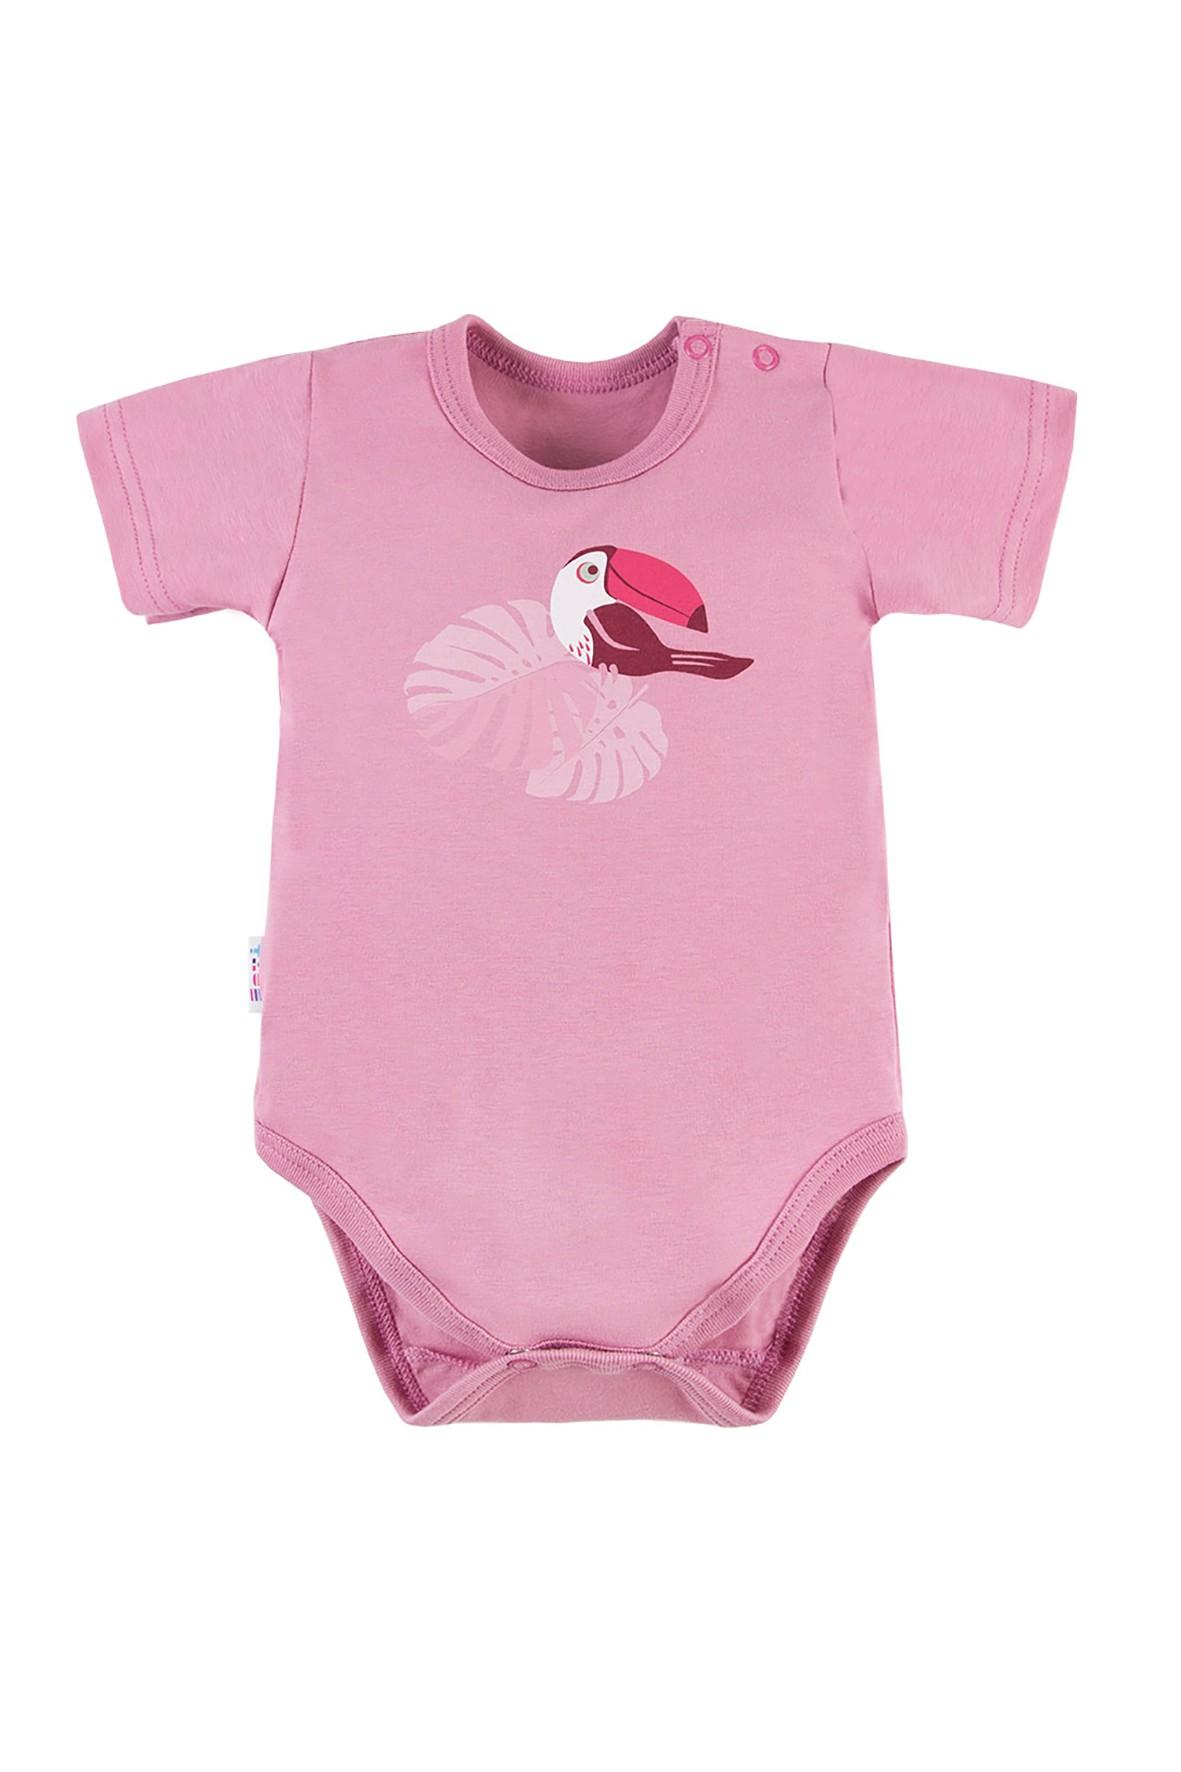 Bawełniane body niemowlęce NATURE rózowe z tukanem